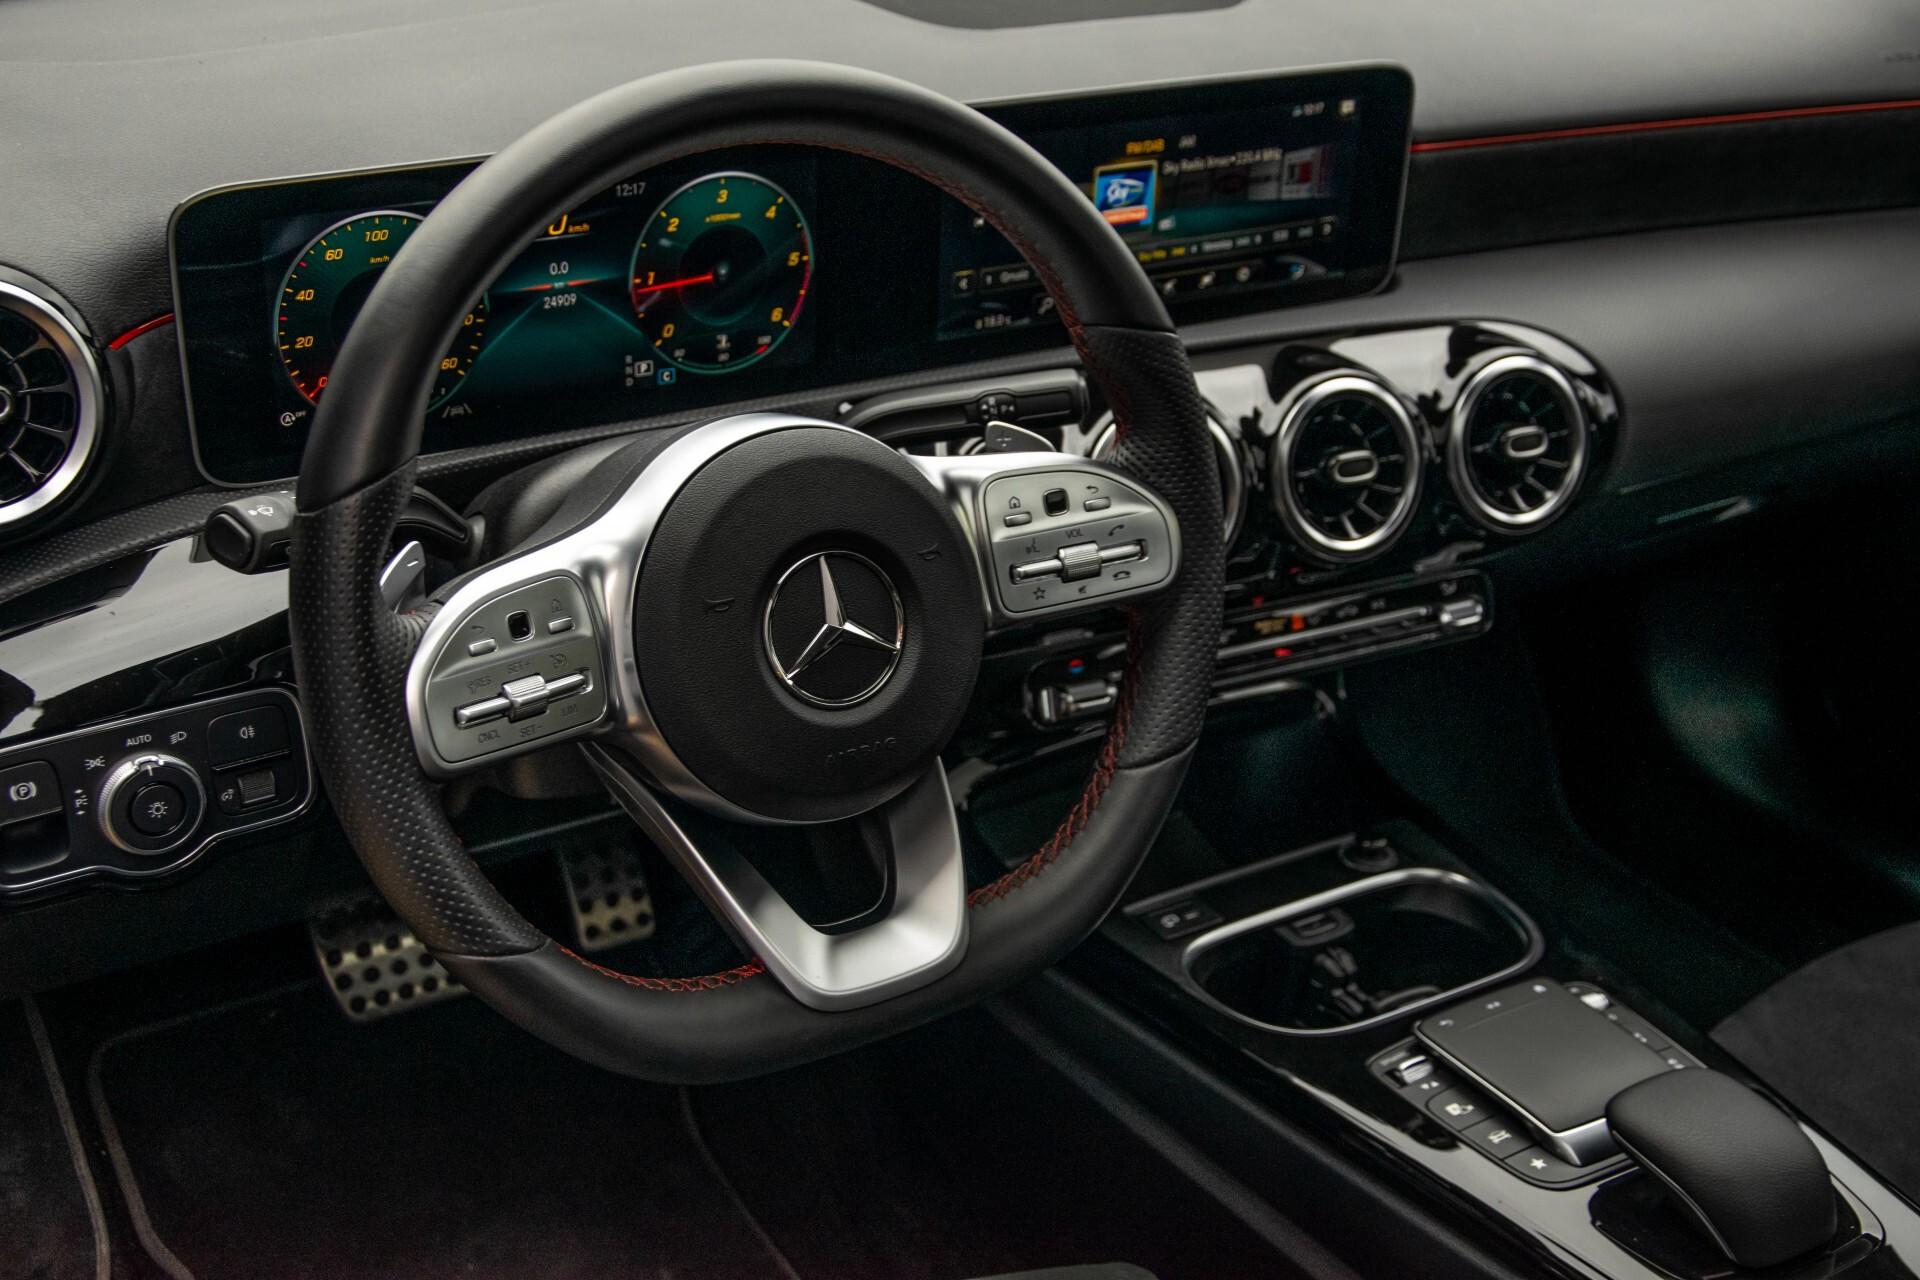 Mercedes-Benz A-Klasse 180 d AMG Panorama/MBUX/DAB/LED Aut7 Foto 37